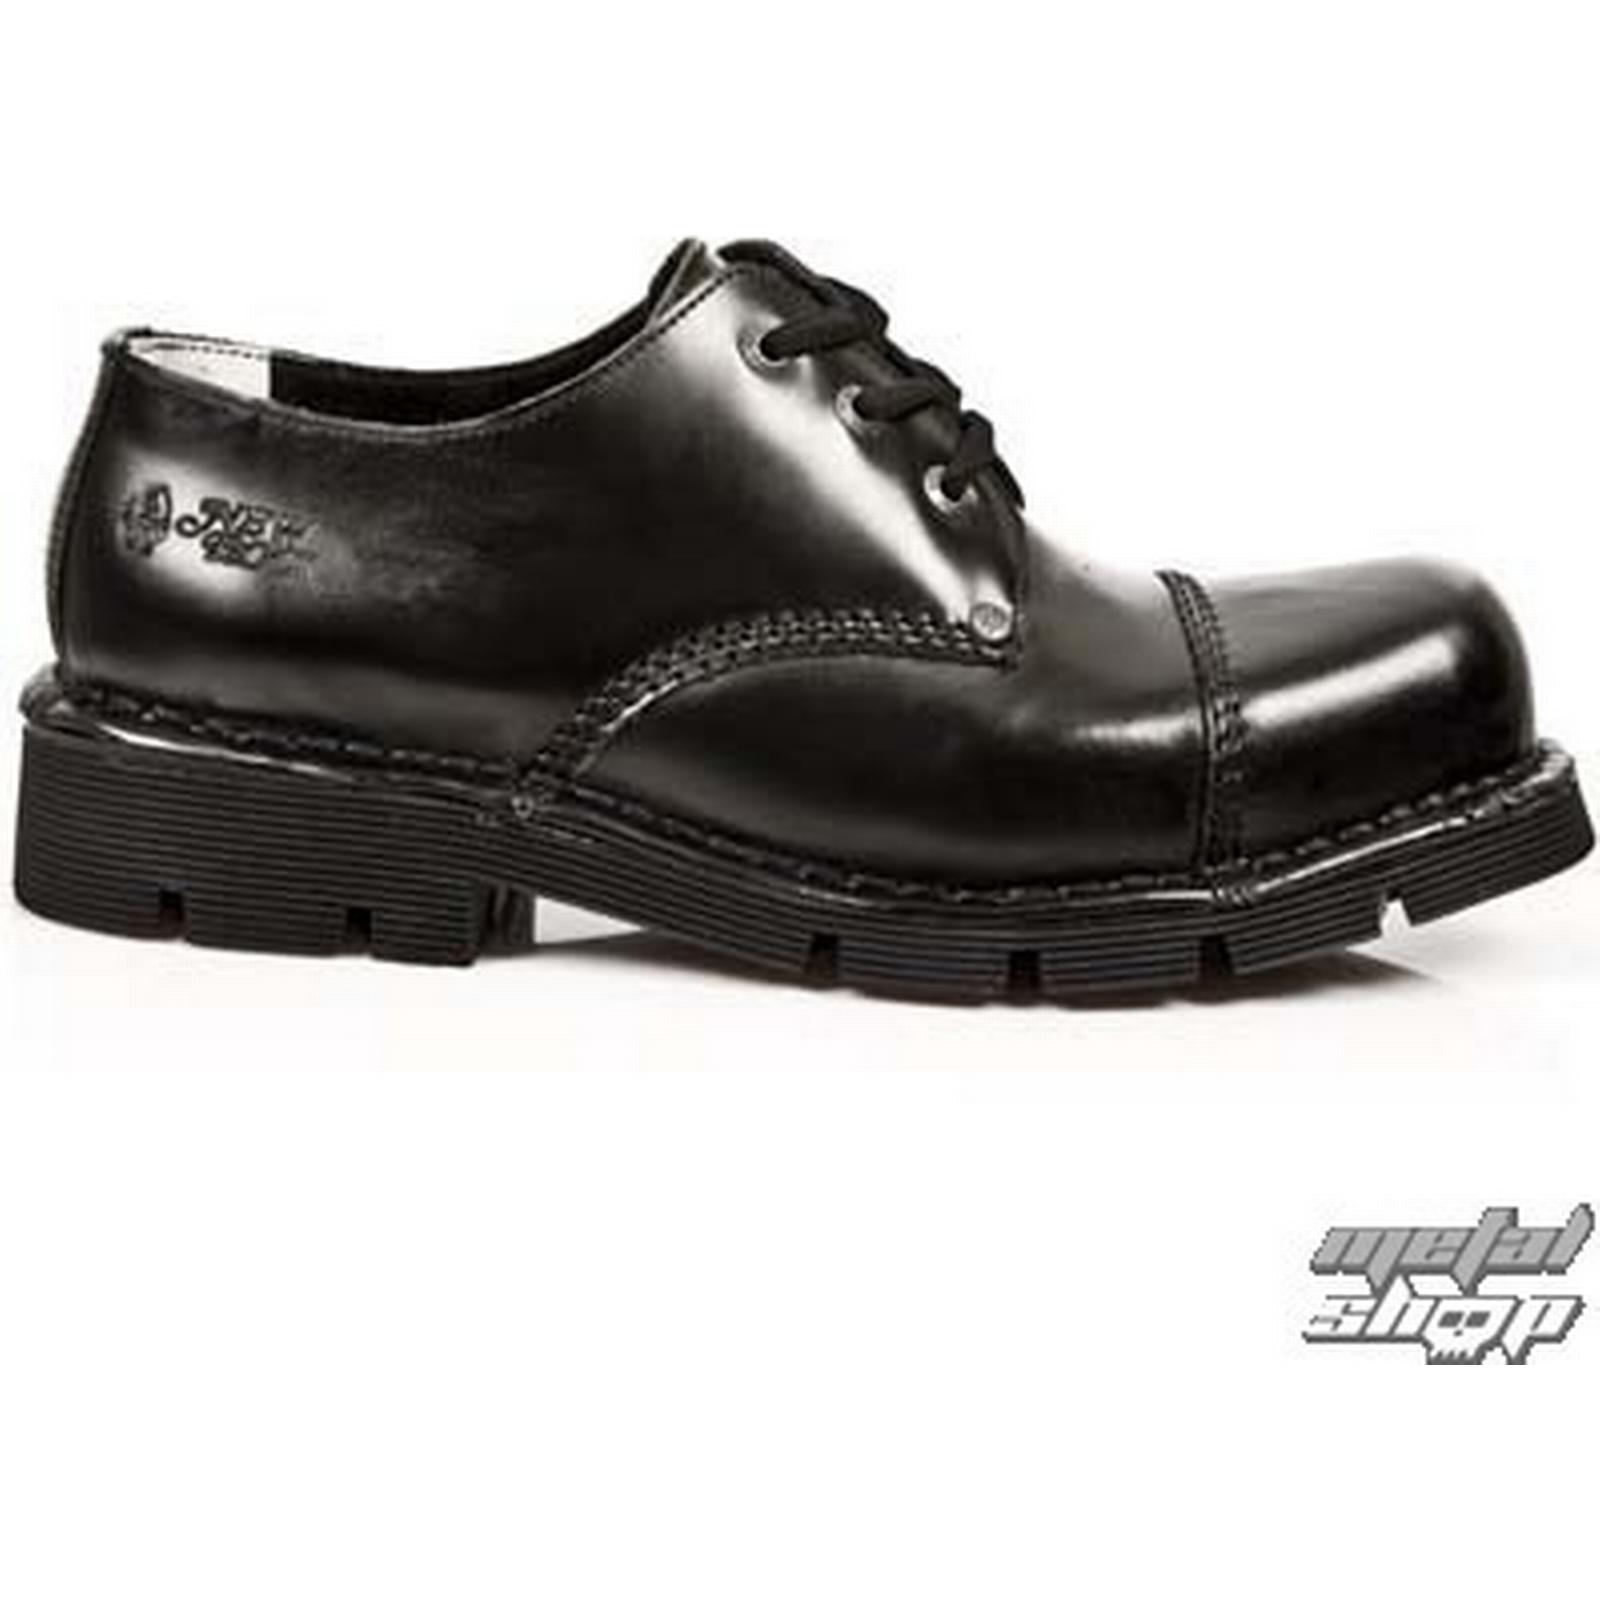 NEW ROCK NEW leather boots men's - NEWMILI03-S1 - NEW ROCK ROCK - M.NEWMILI03-S1 b566db